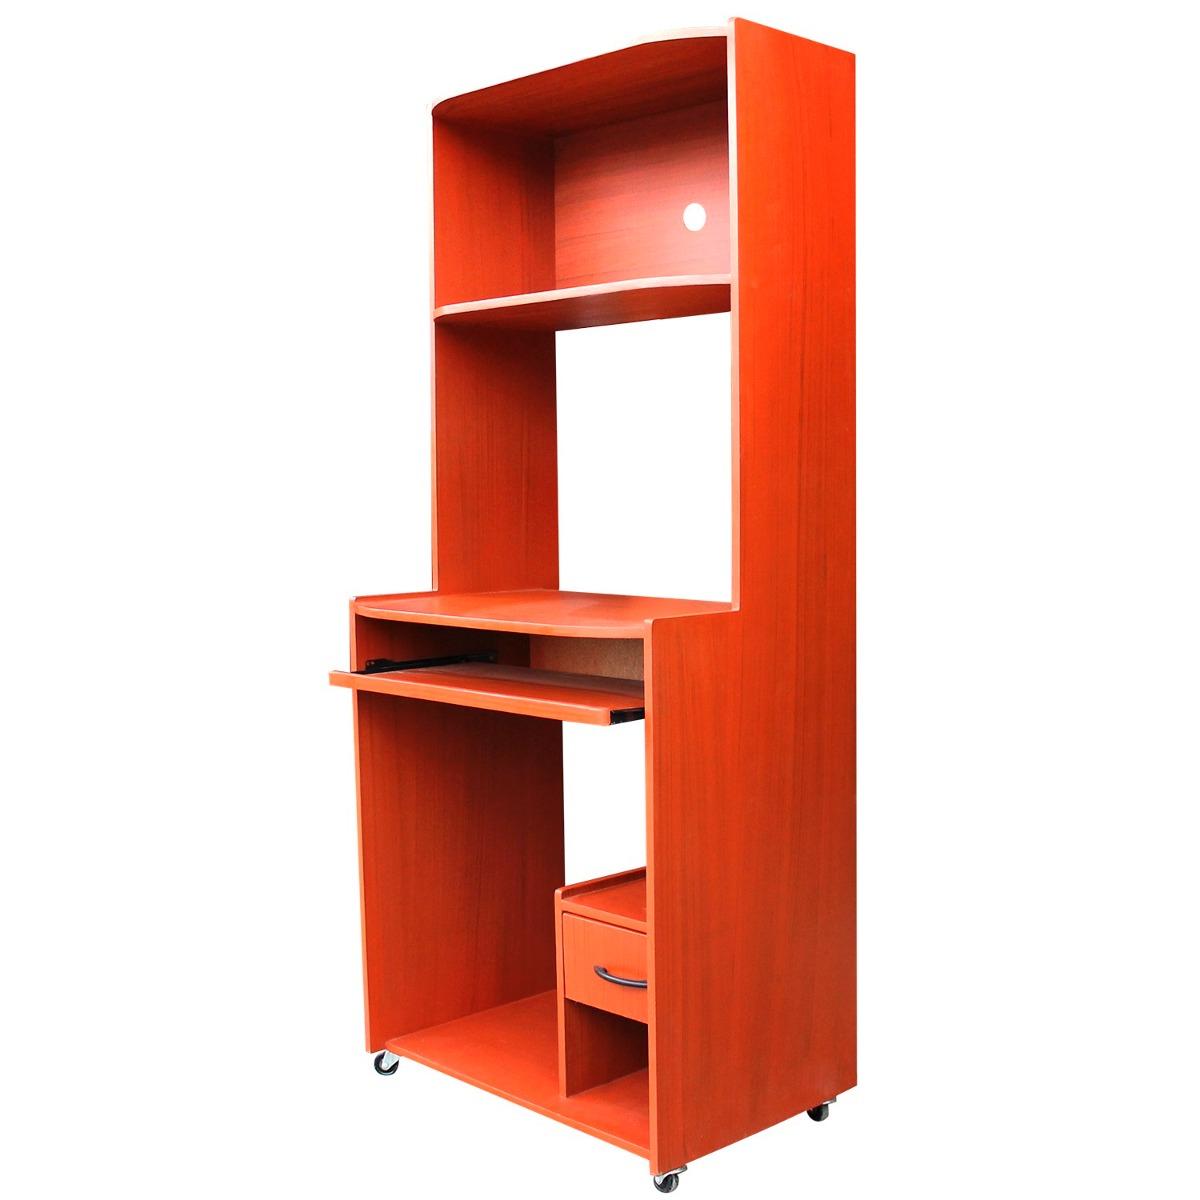 Mueble De Computo Mini Con Ruedas  Espacio Impresora  S 189,99 en